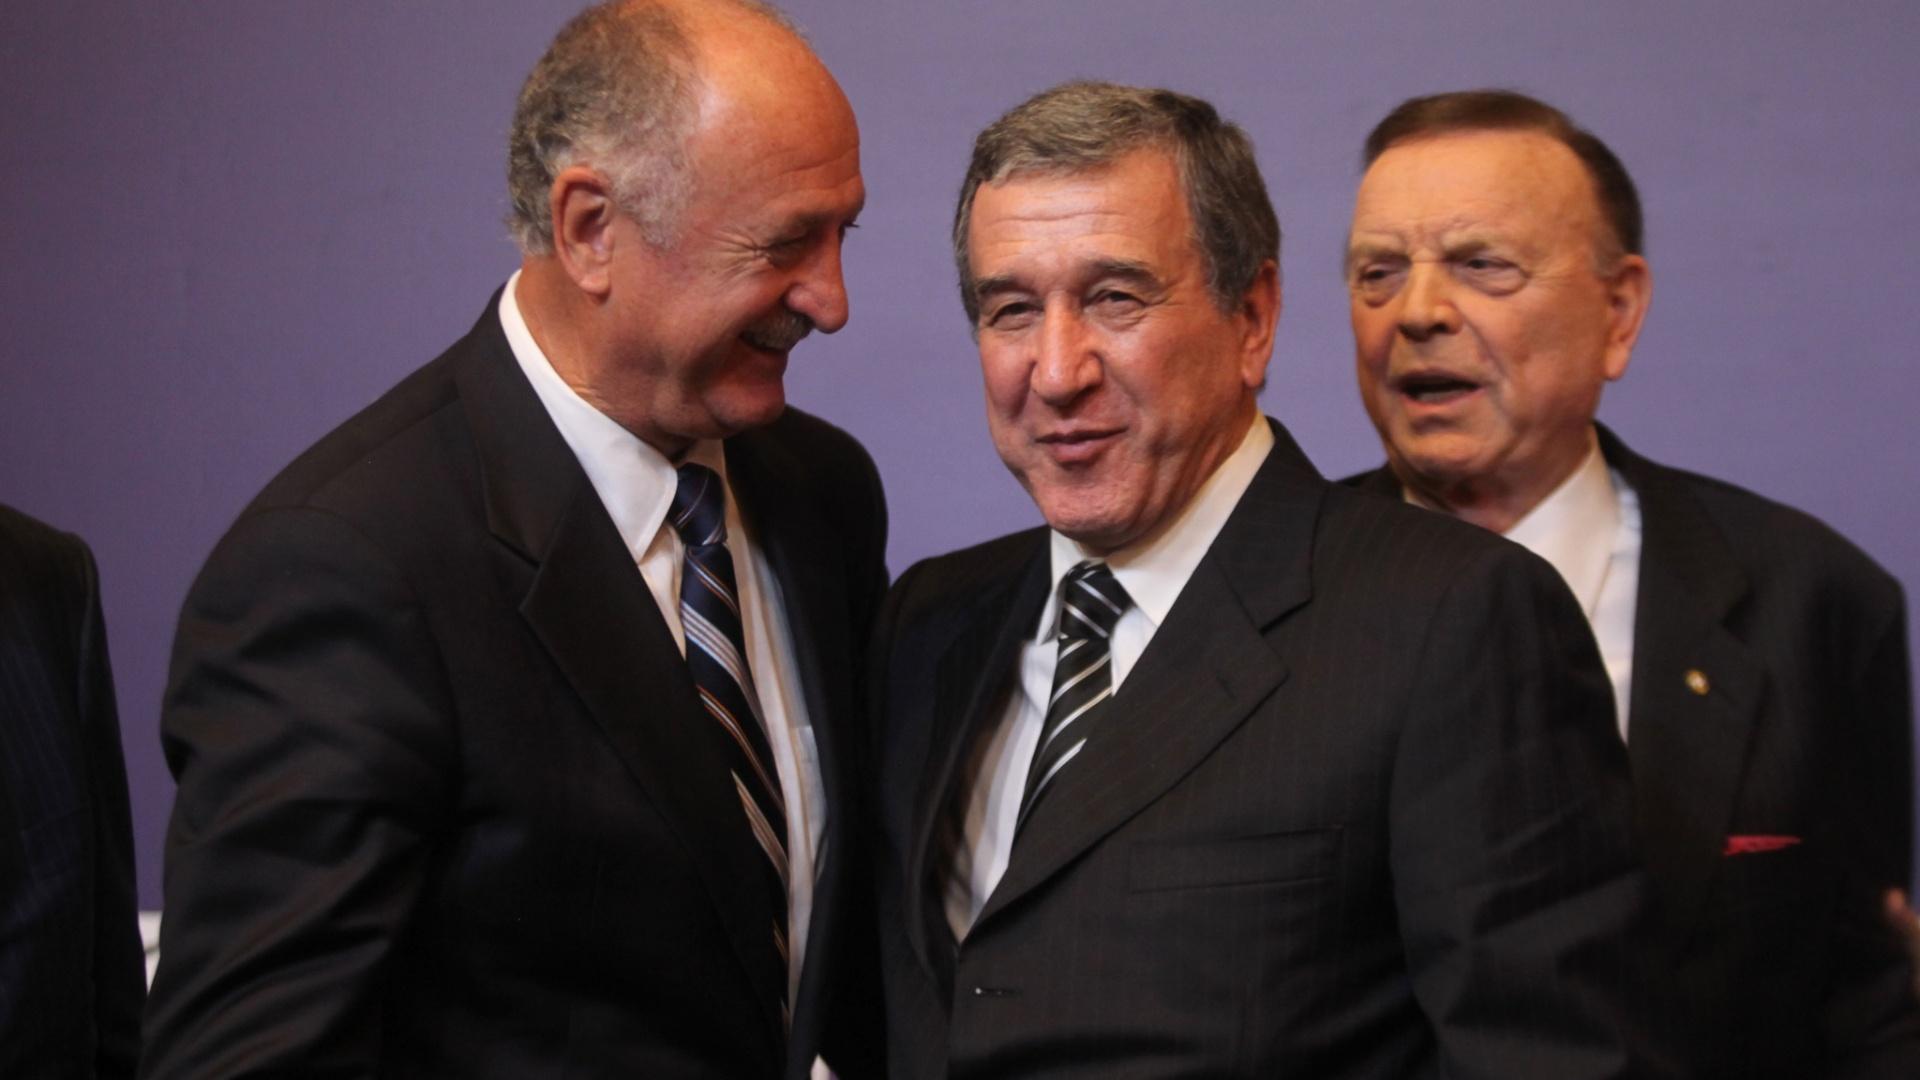 29.nov.2012 - Luiz Felipe Scolari, Carlos Alberto Parreira e José Maria Marin são vistos em momento descontraído durante coletiva da CBF no Rio de Janeiro